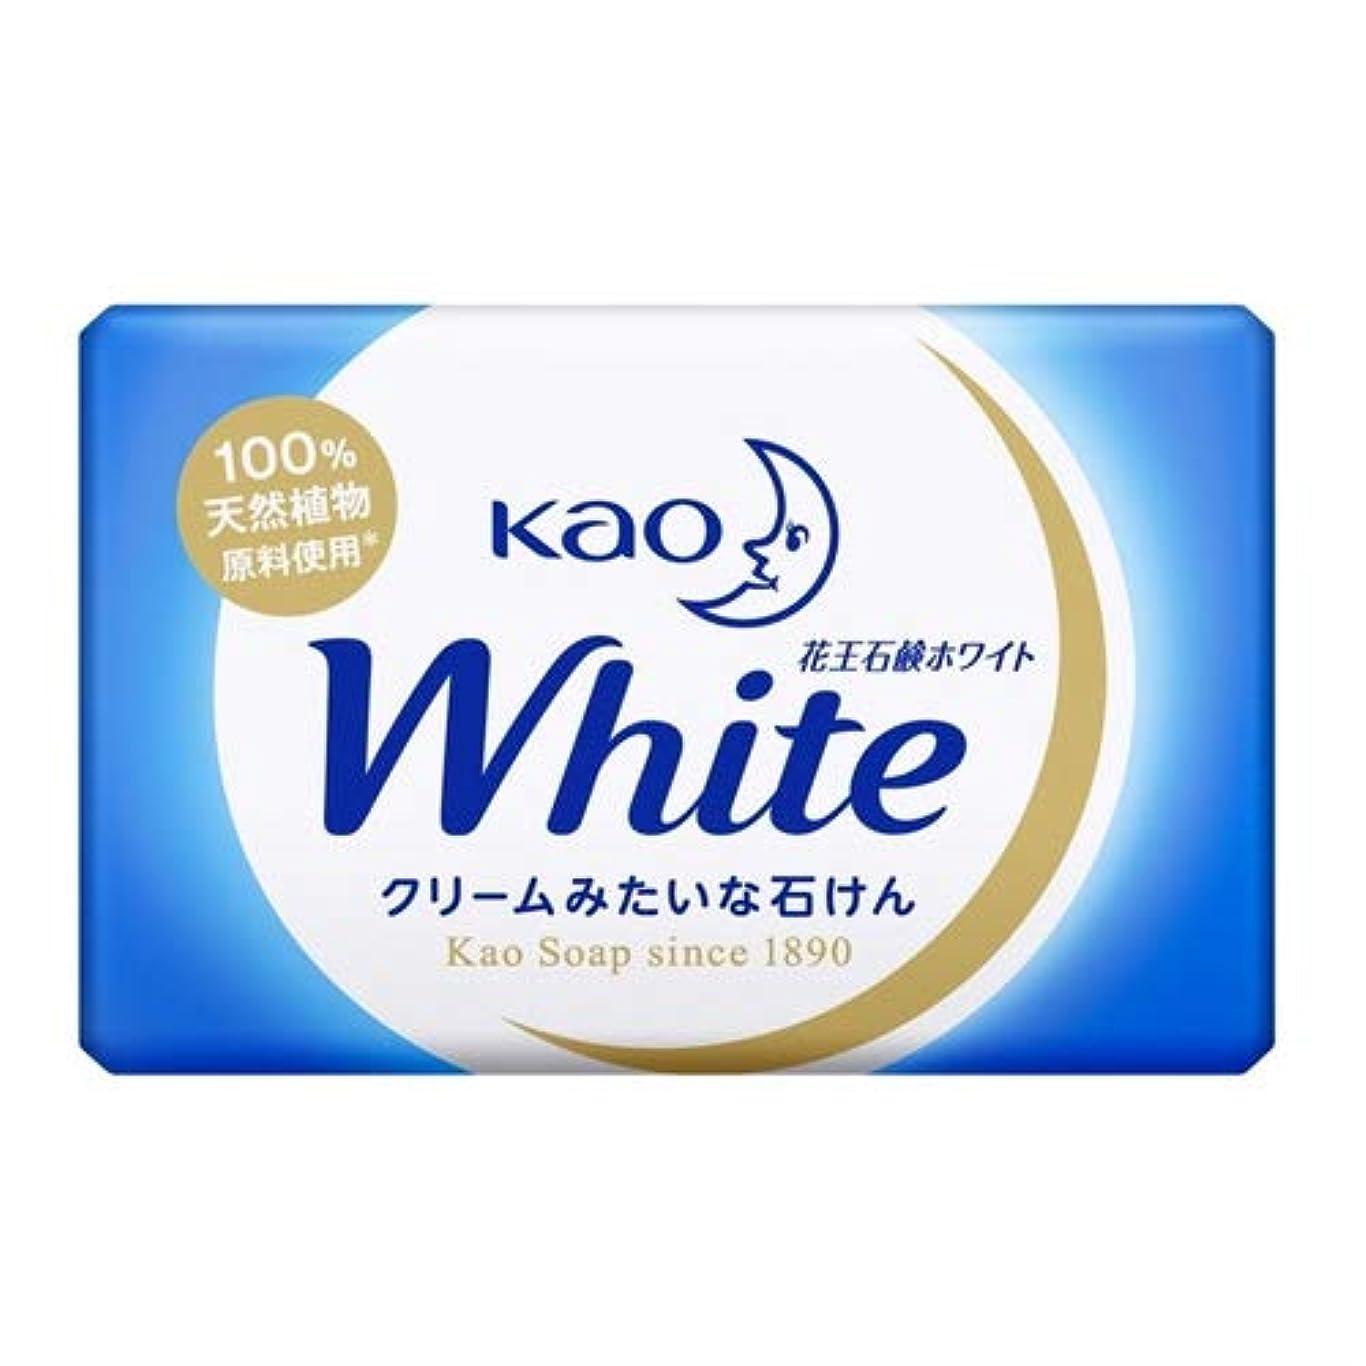 パステル等価メロディアス花王石鹸ホワイト 業務用ミニサイズ 15g × 5個セット